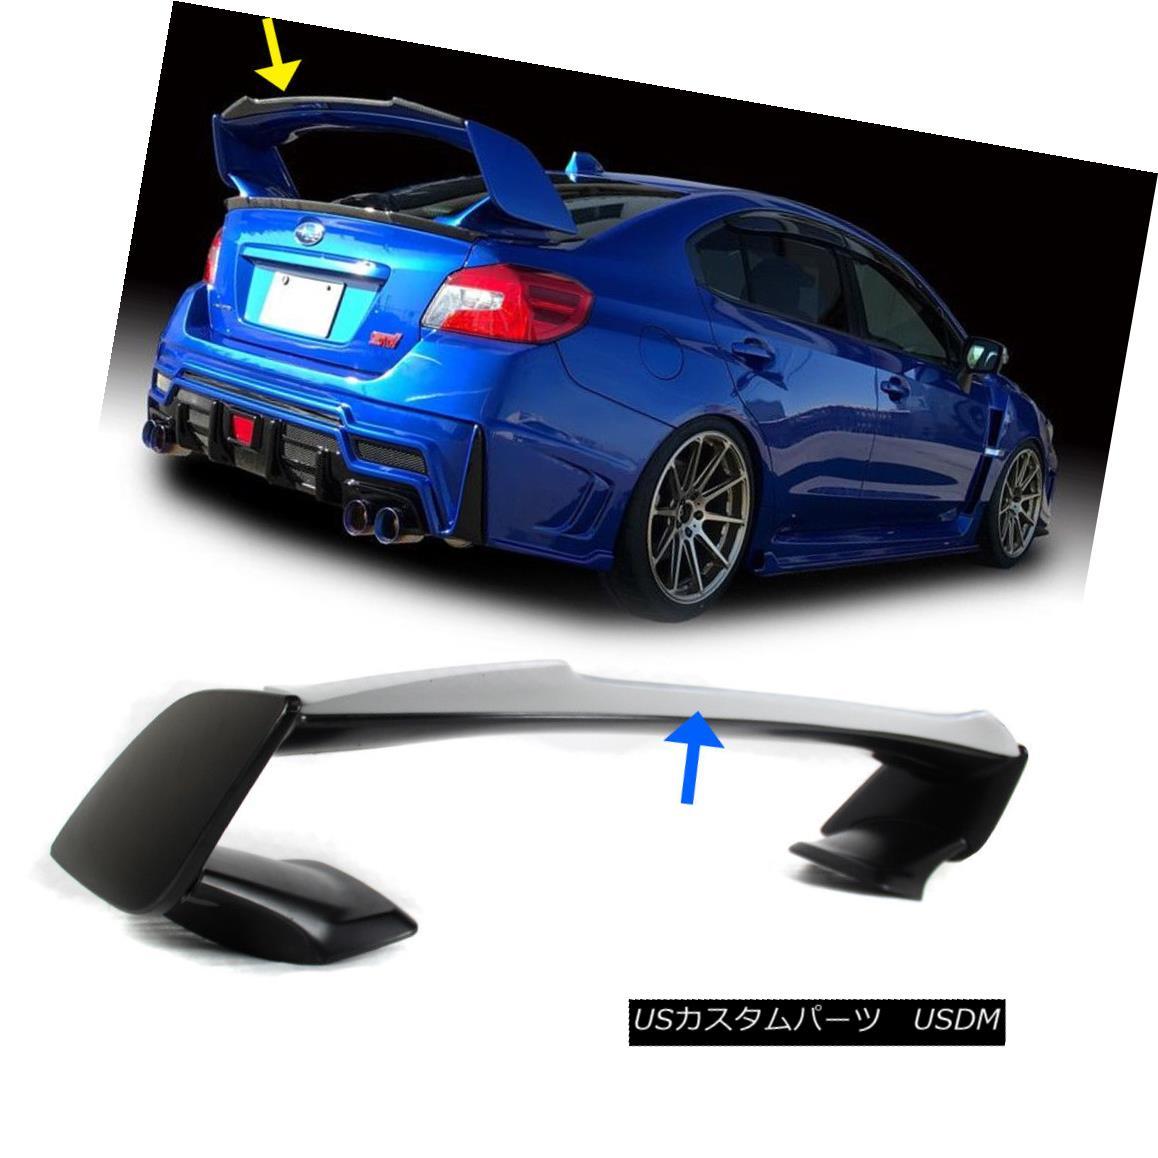 エアロパーツ Painted FOR Subaru WRX STI V Gurney Flap Lip STI Top Trunk Spoiler 2015-2018 スバルWRX STI VガーニーフラップリップSTIトップトランクスポイラー2015-2018